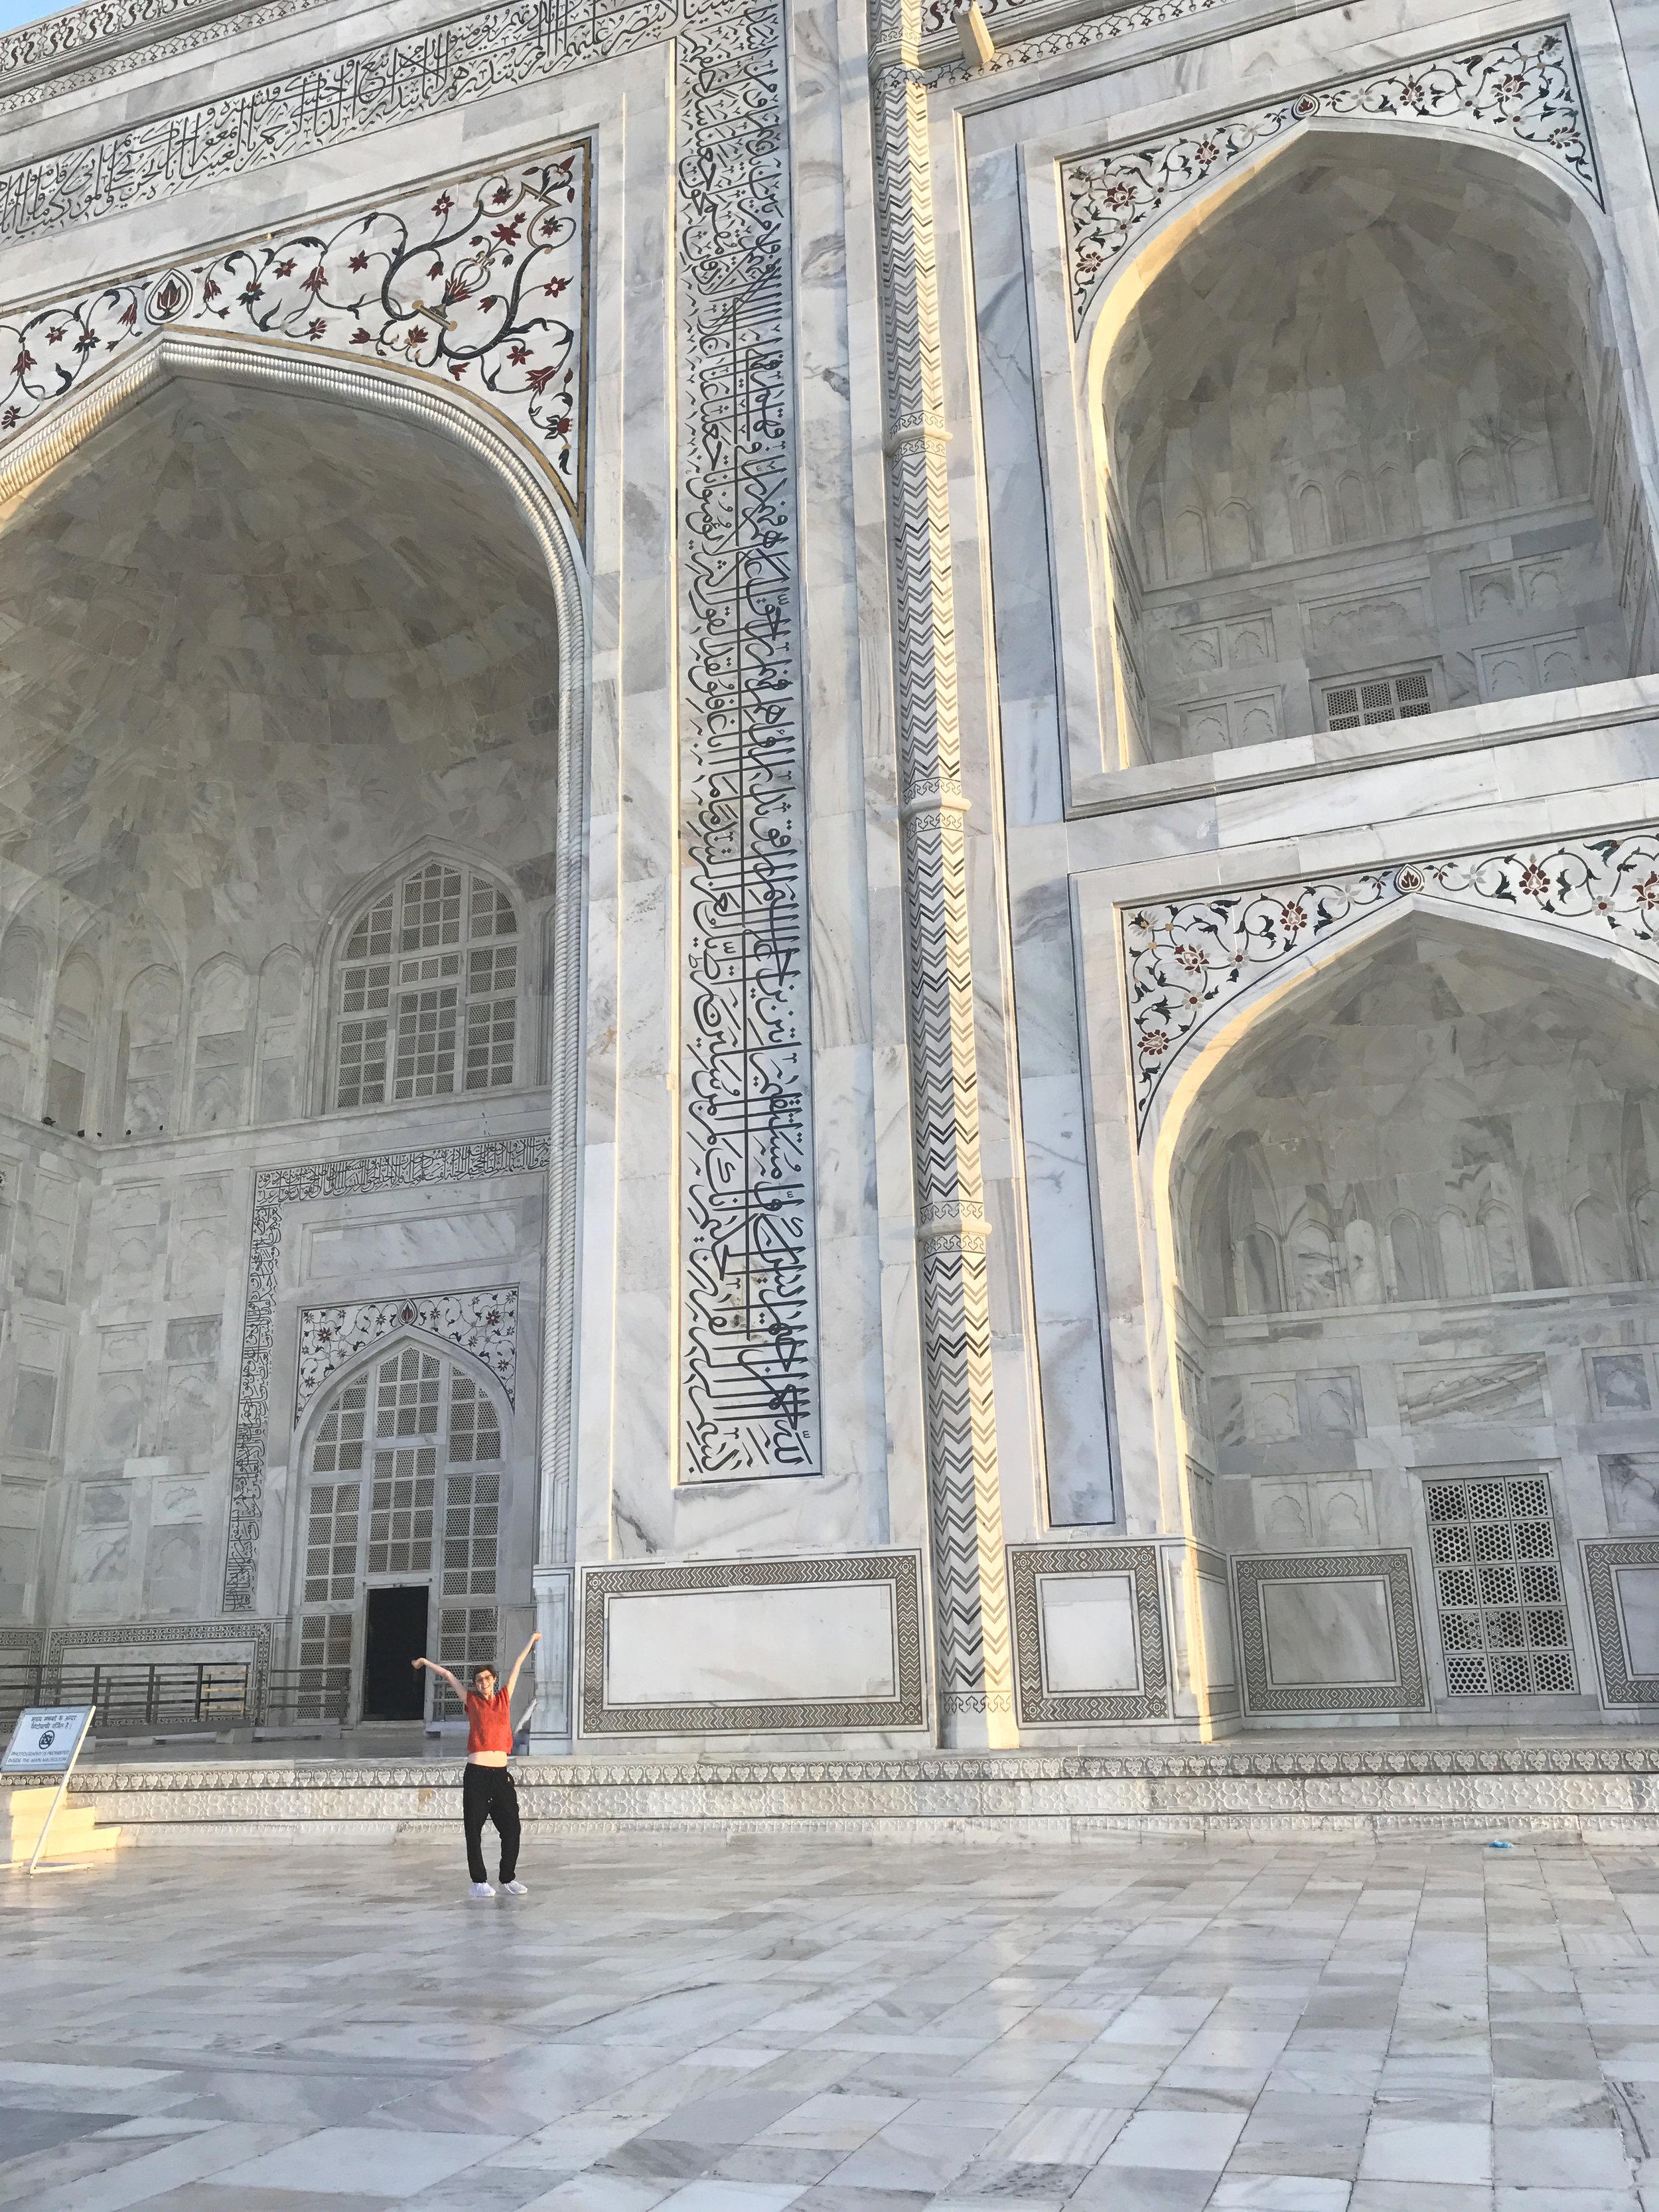 the huge white entrance of the Taj